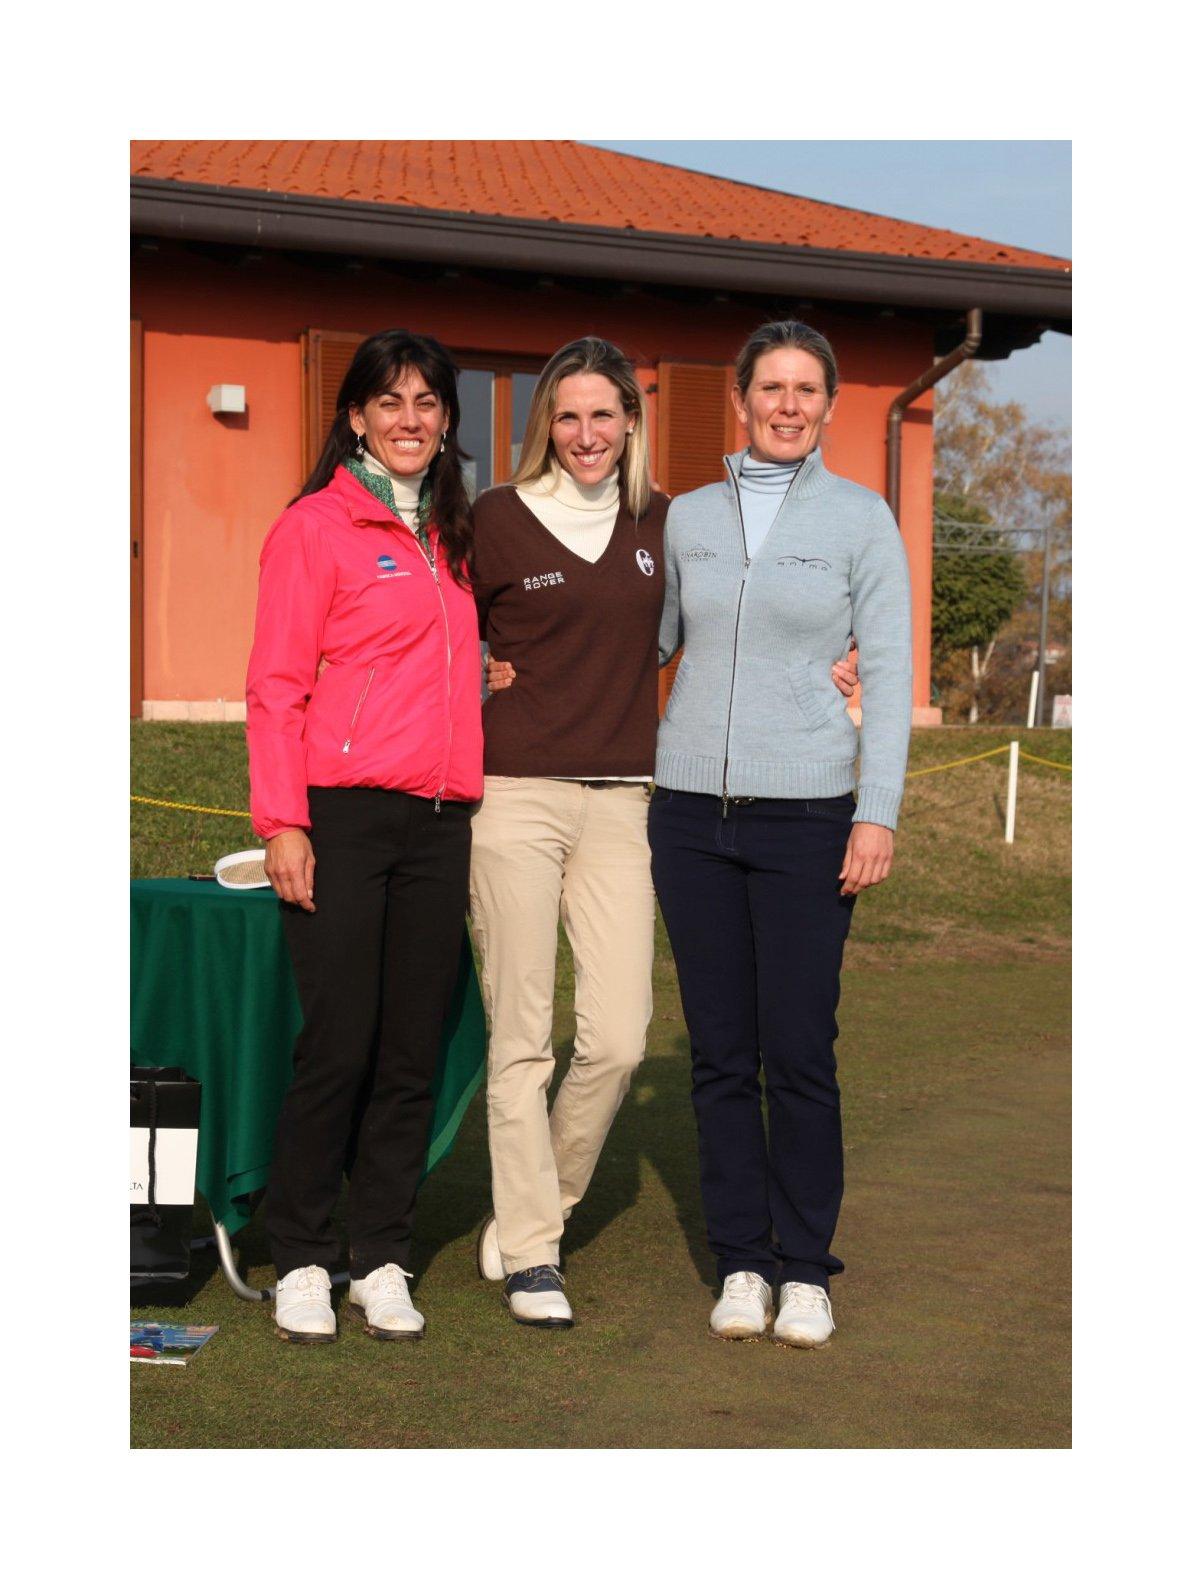 Stefania Croce, Diana Luna e Veronica Zorzi durante una clinic di golf tenuta nel 2012 al Virginia Golf di Appiano Gentile